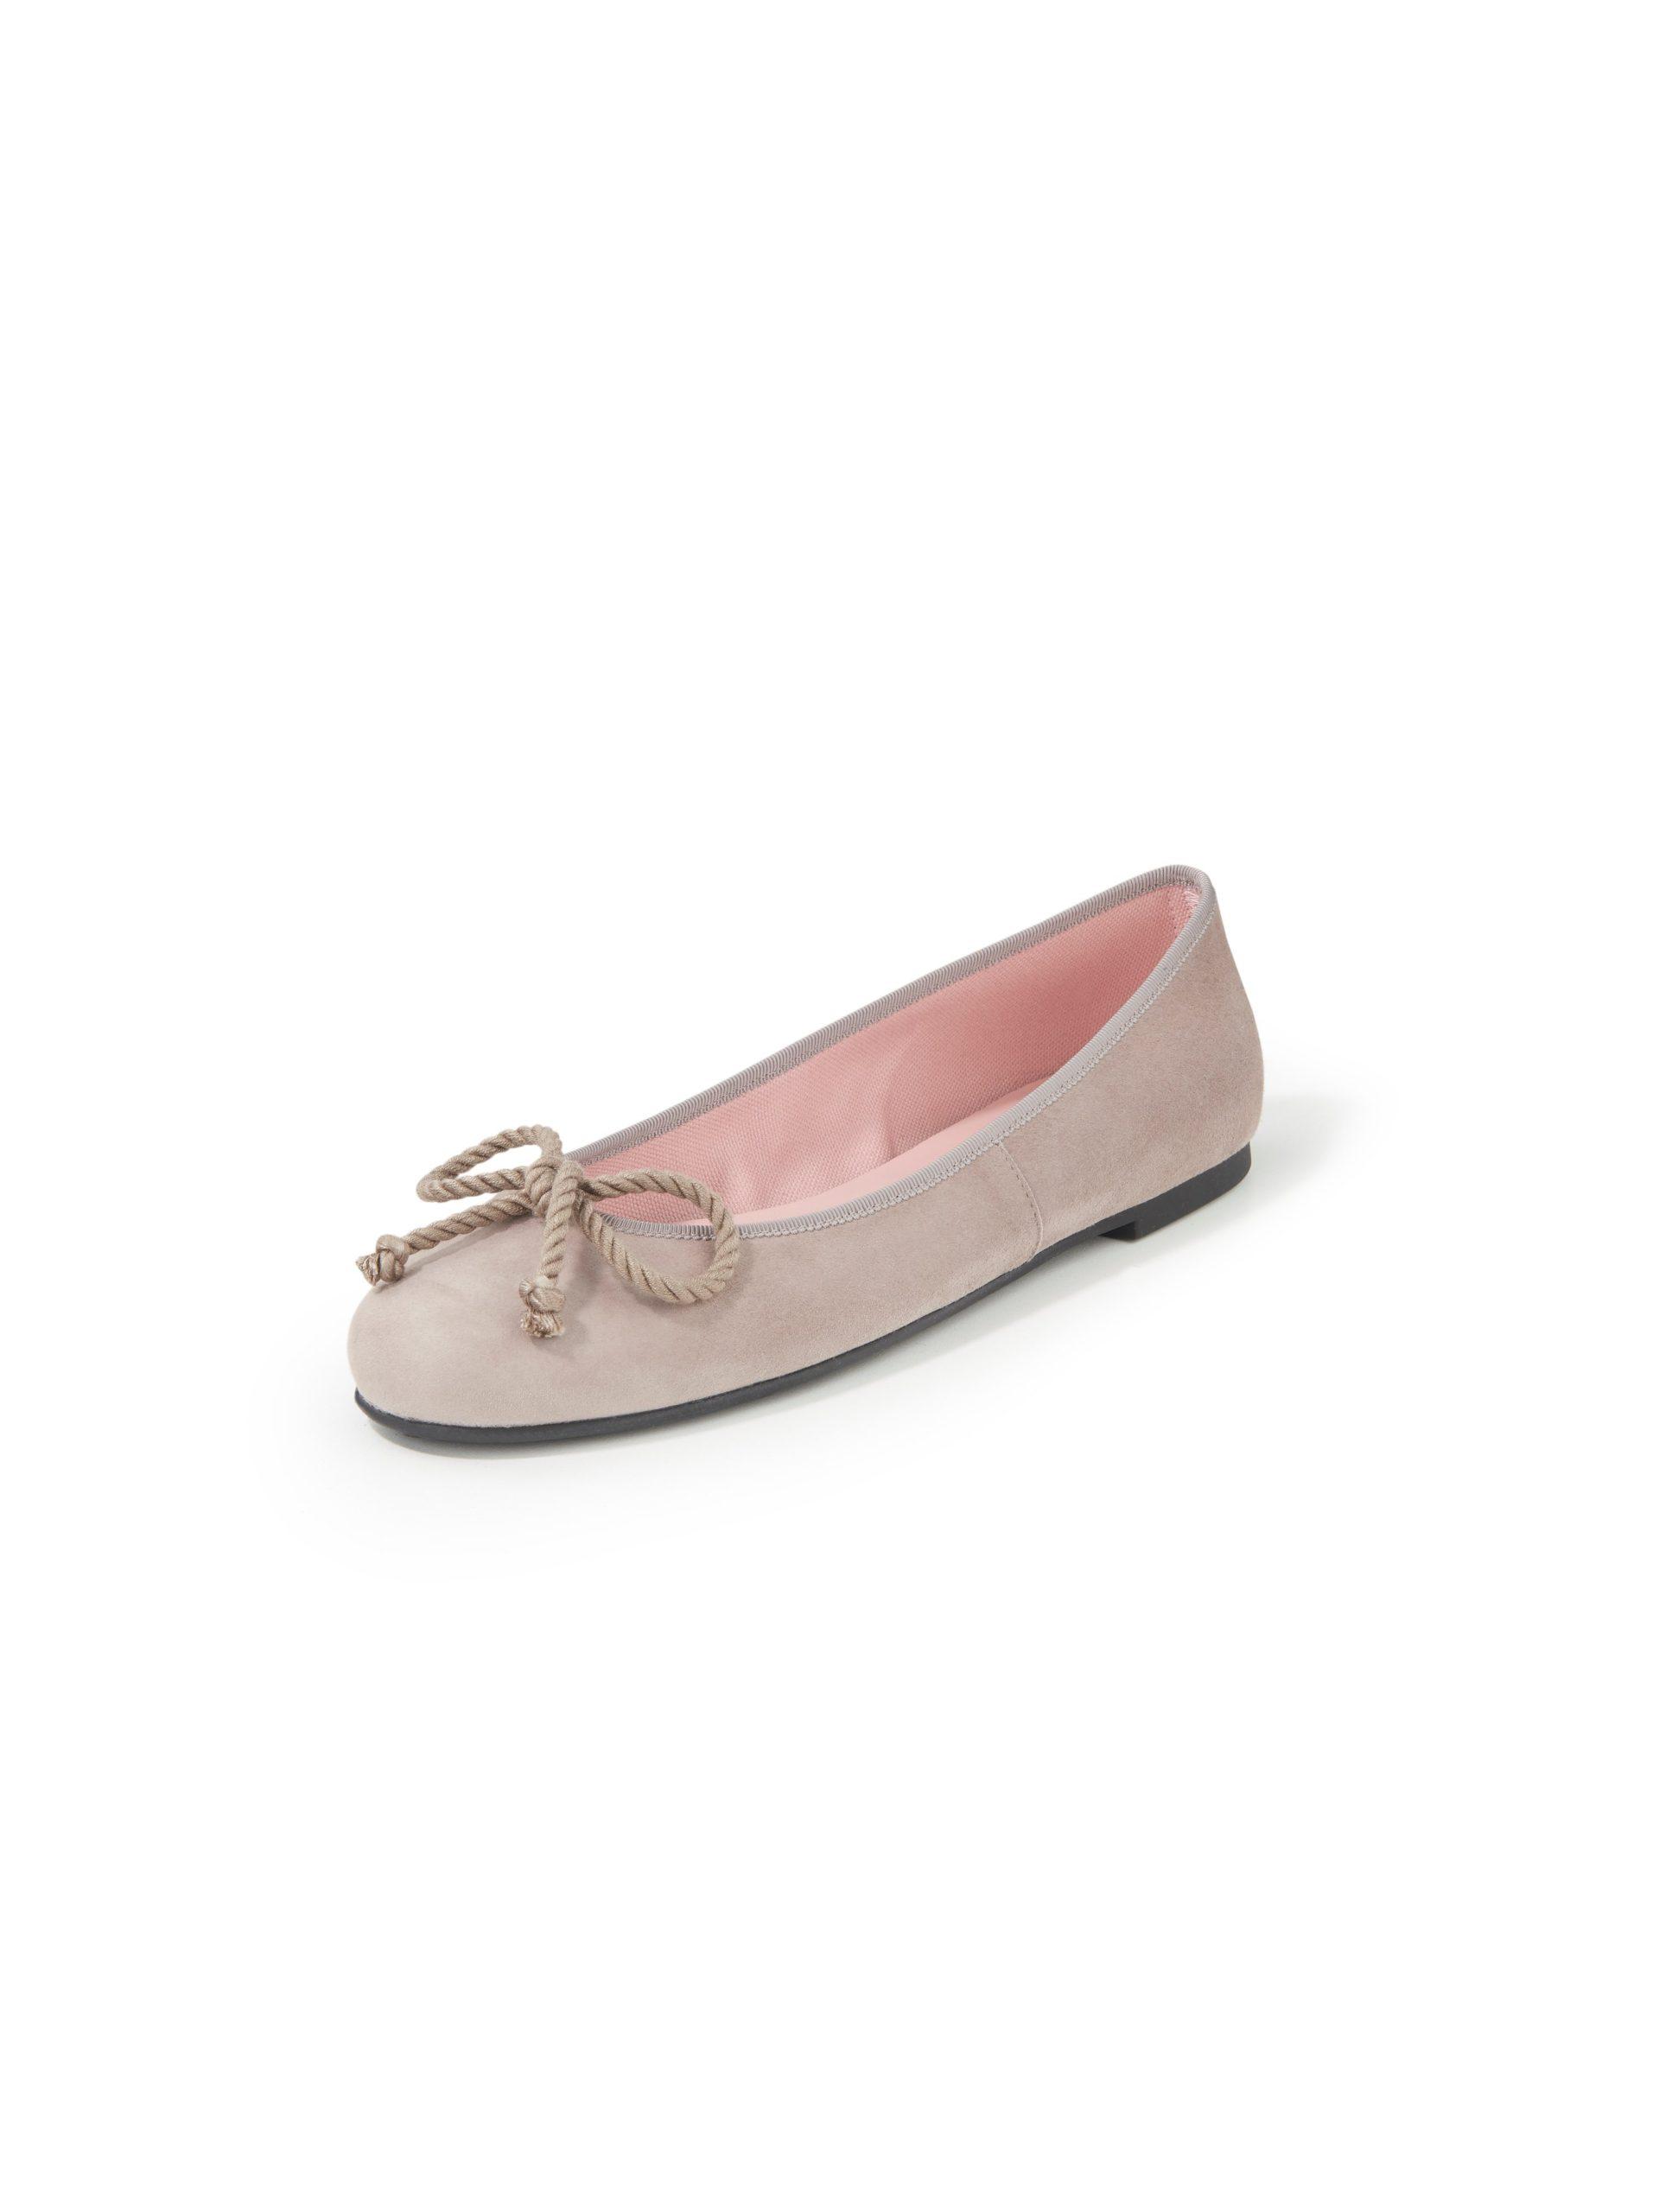 Ballerina's van geitensuèdeleer met koordstri Van Pretty Ballerinas beige Kopen